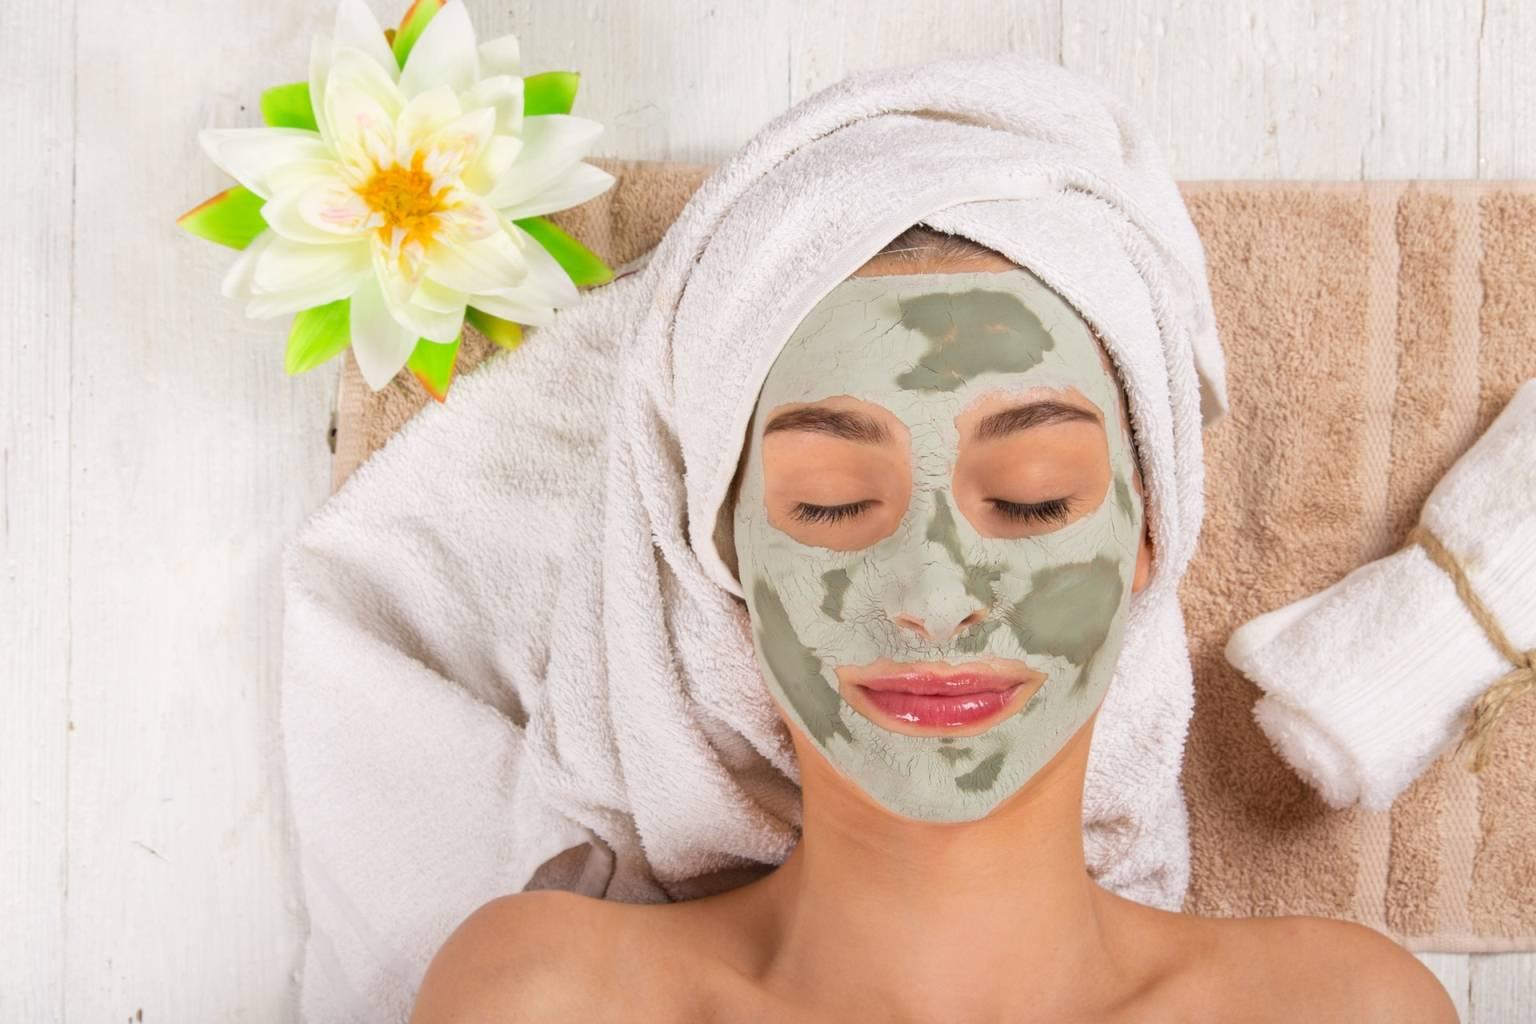 Zabiegi kosmetyczne z glinką bentonitową - kobieta relaksuje się z maseczką na twarzy i ręcznikiem na głowie.